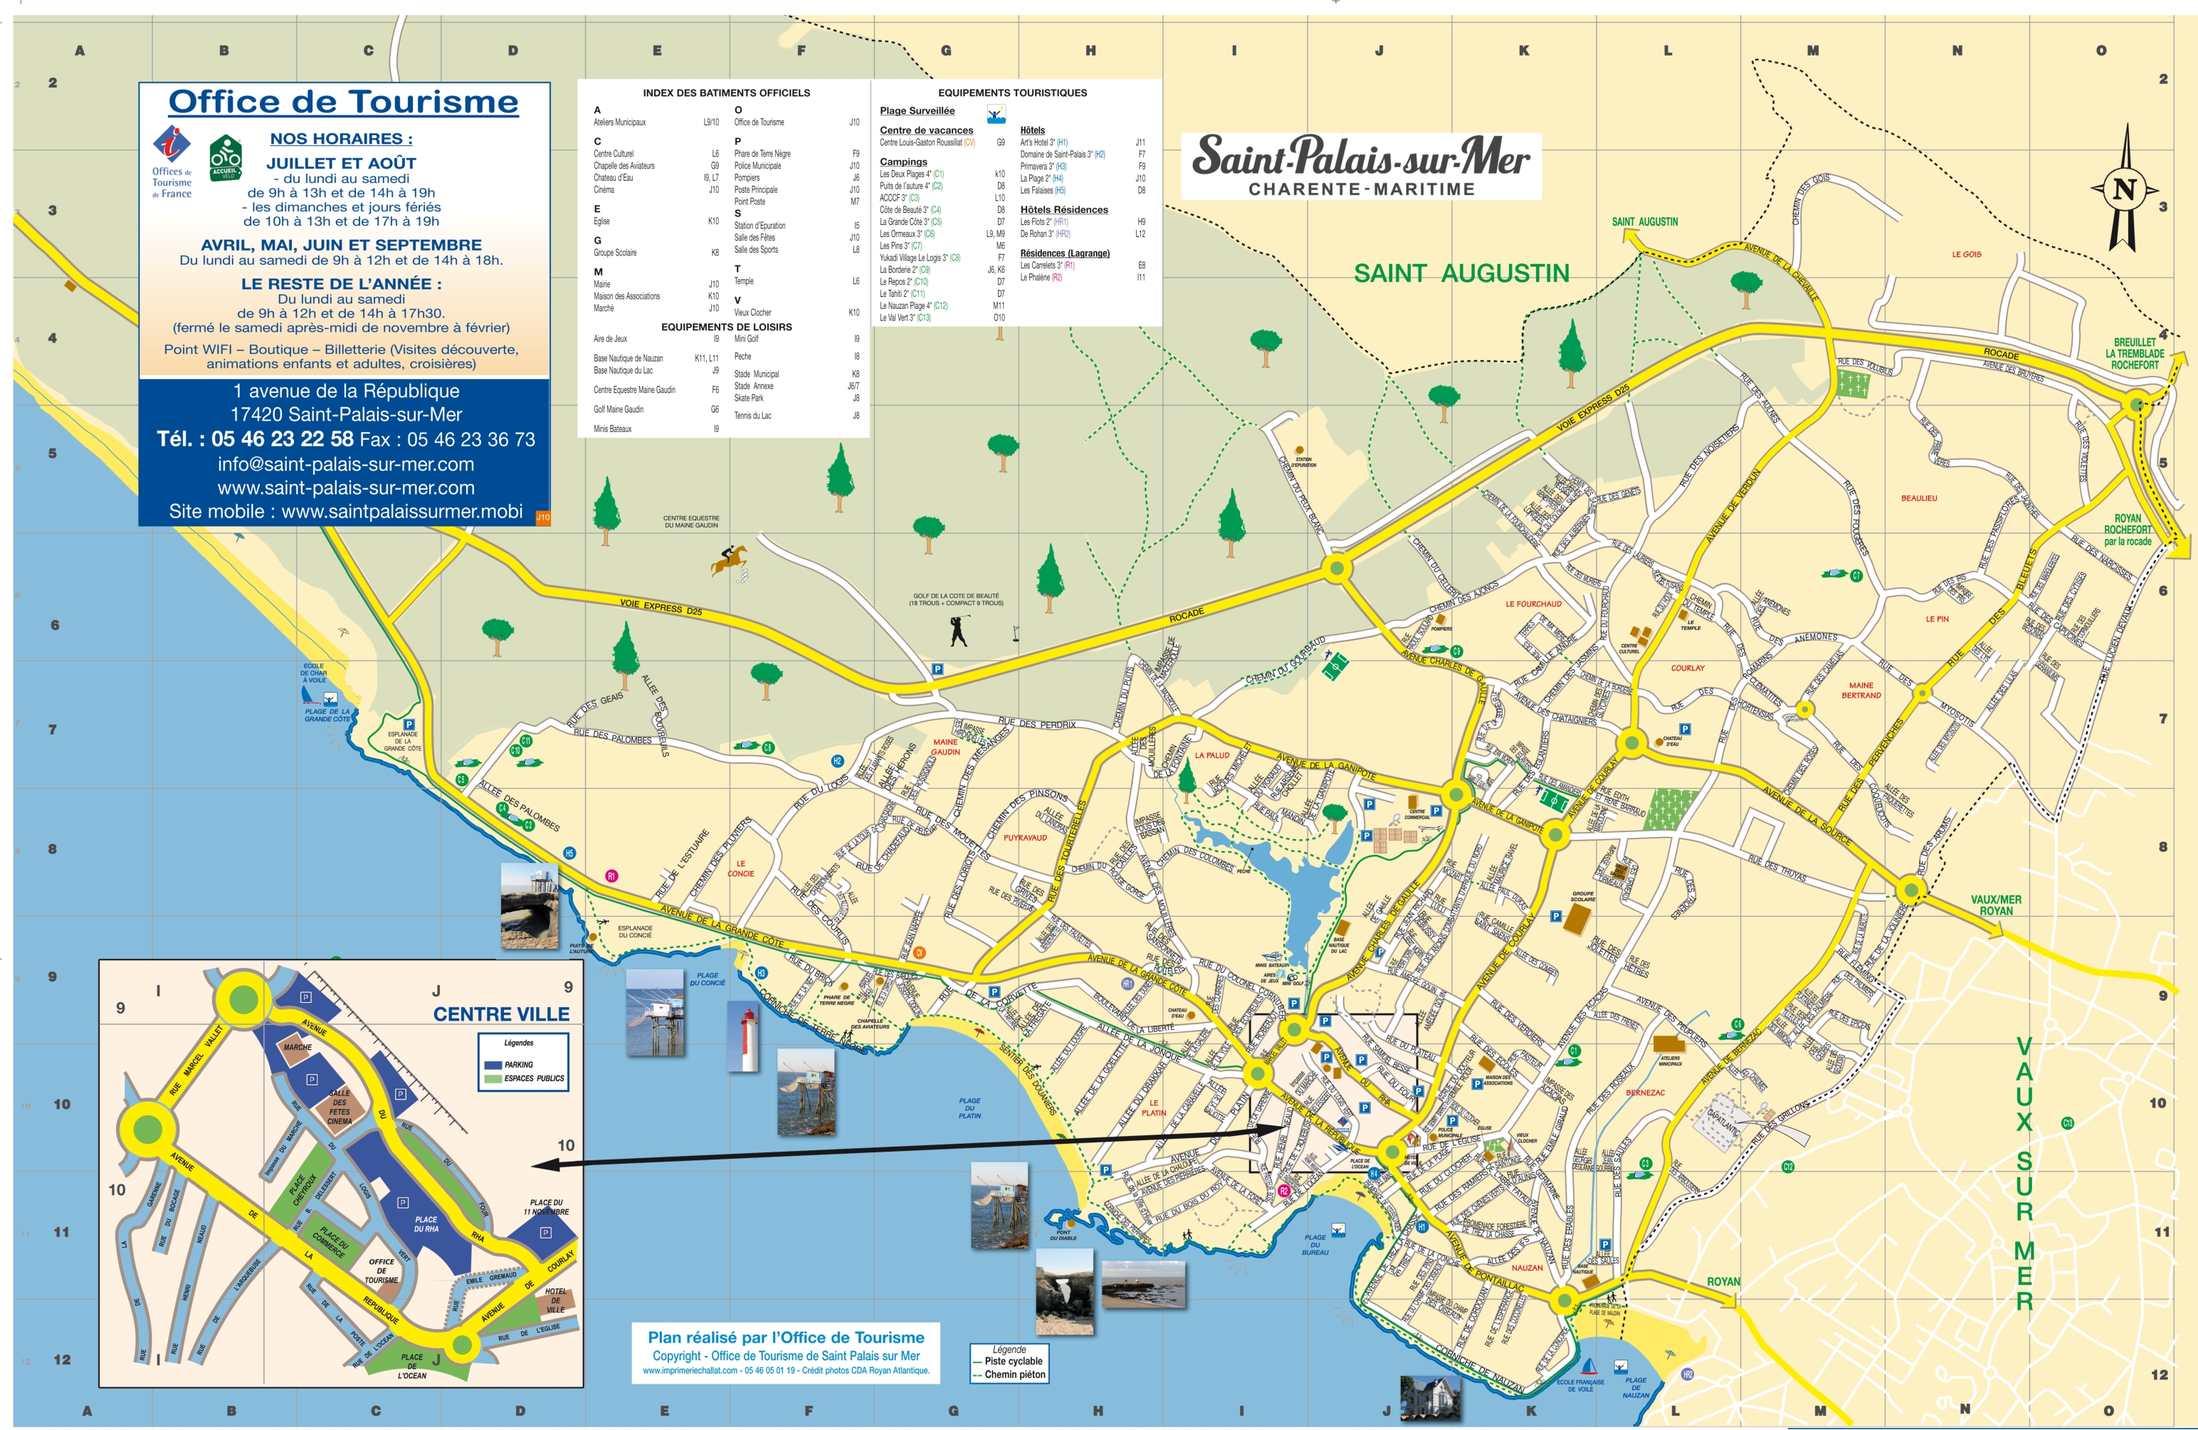 Calam o plan saint palais sur mer - Office de tourisme de st palais sur mer ...